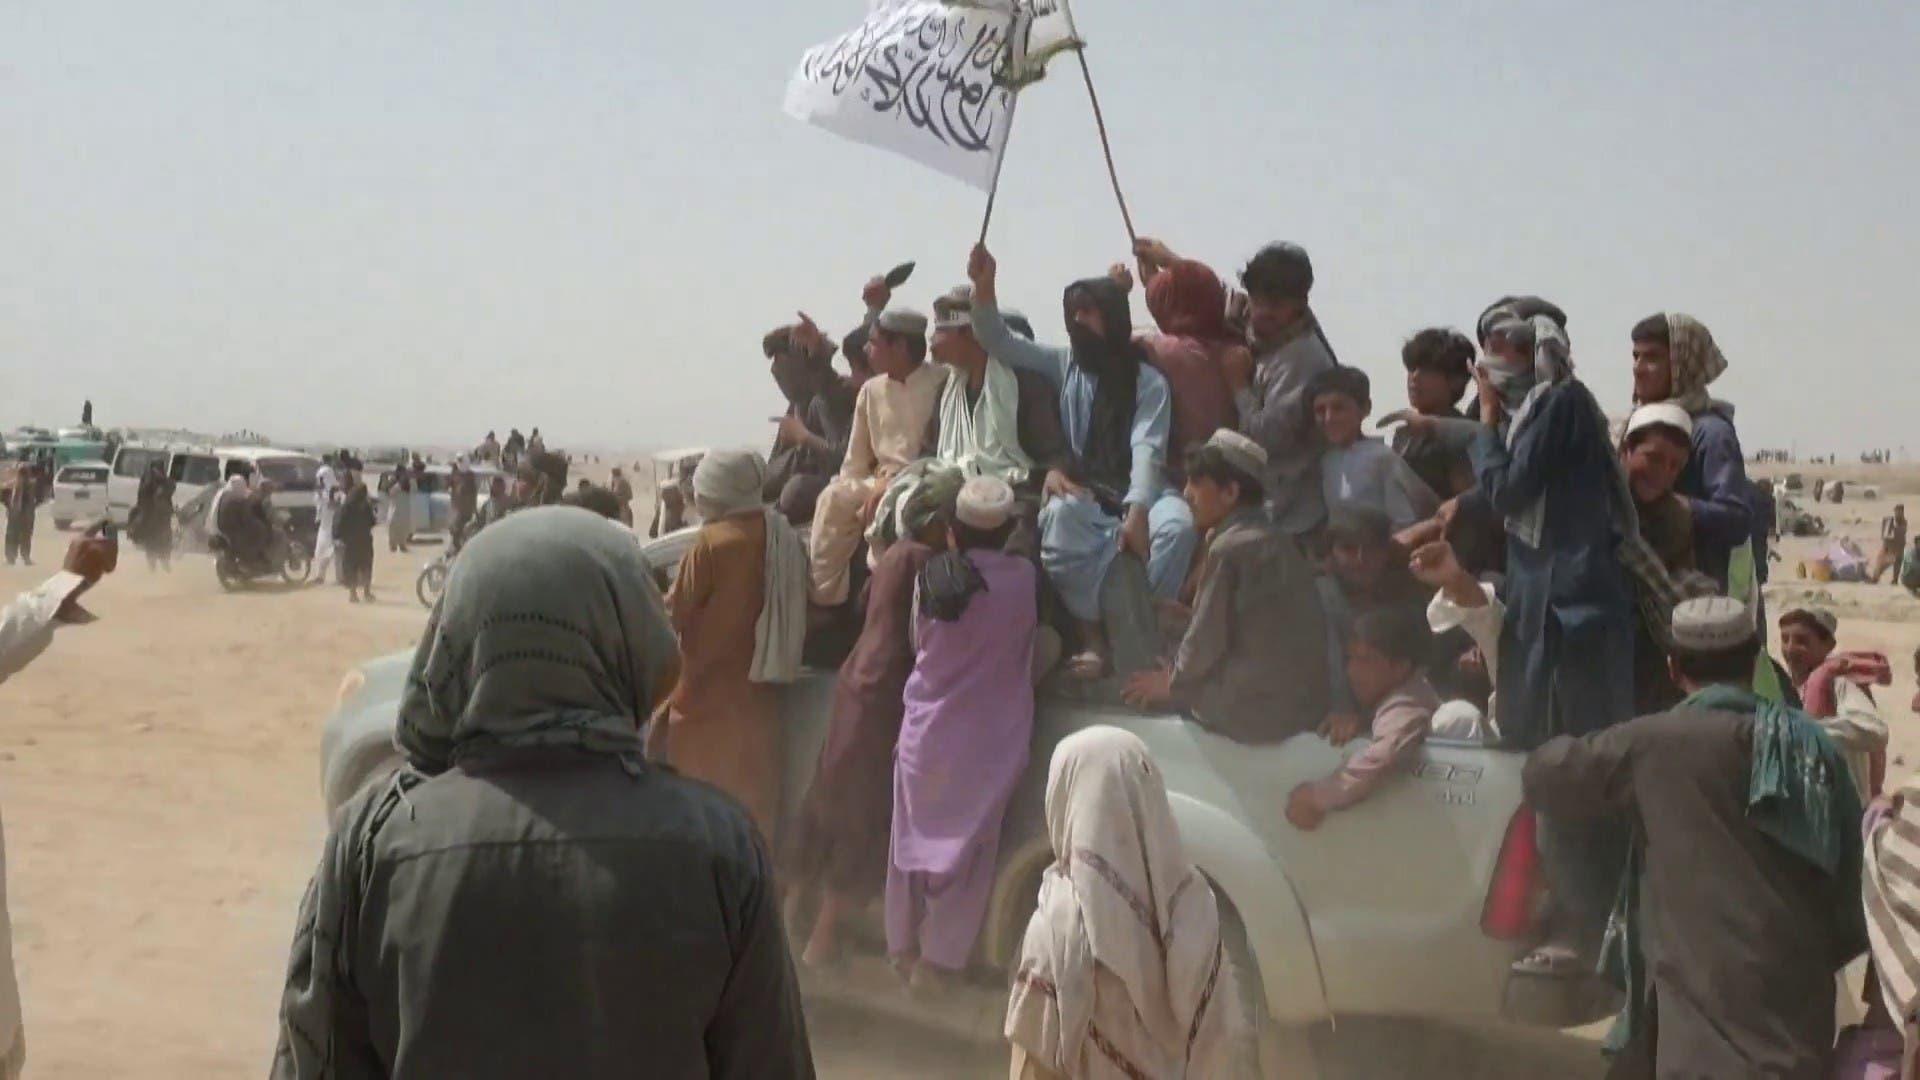 حركة طالبان تستولي على المزيد من الأراضي والمعابر الحدودية